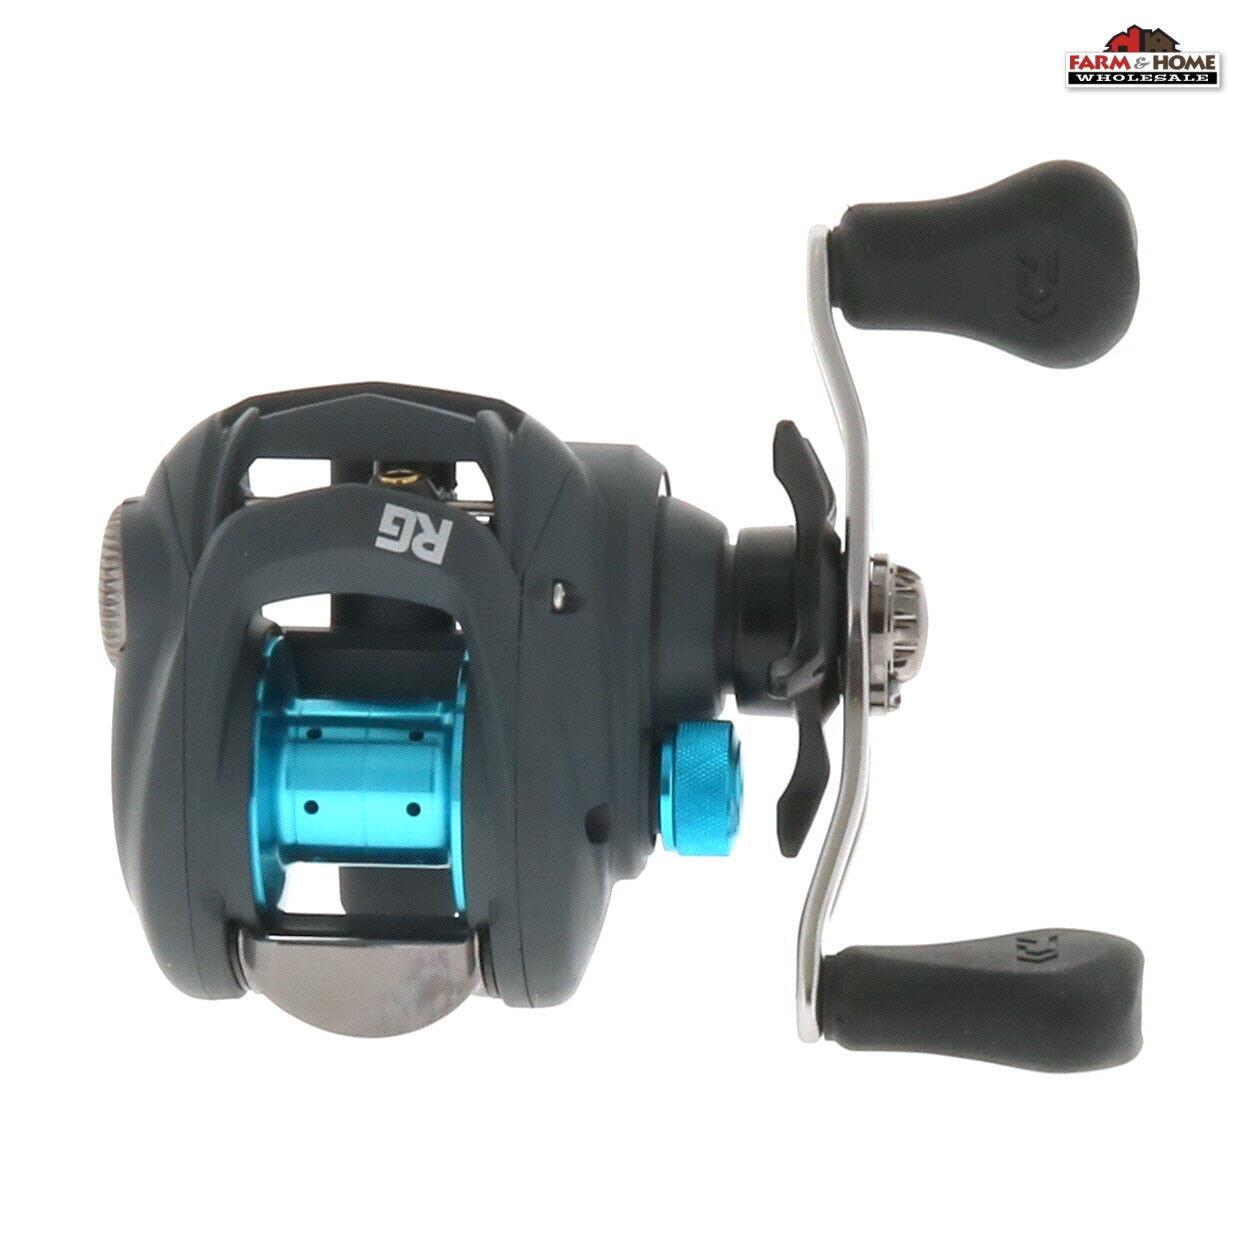 Daiwa RG Baitcasting Fishing Reel 6.3 1   RG 100H  New  most preferential